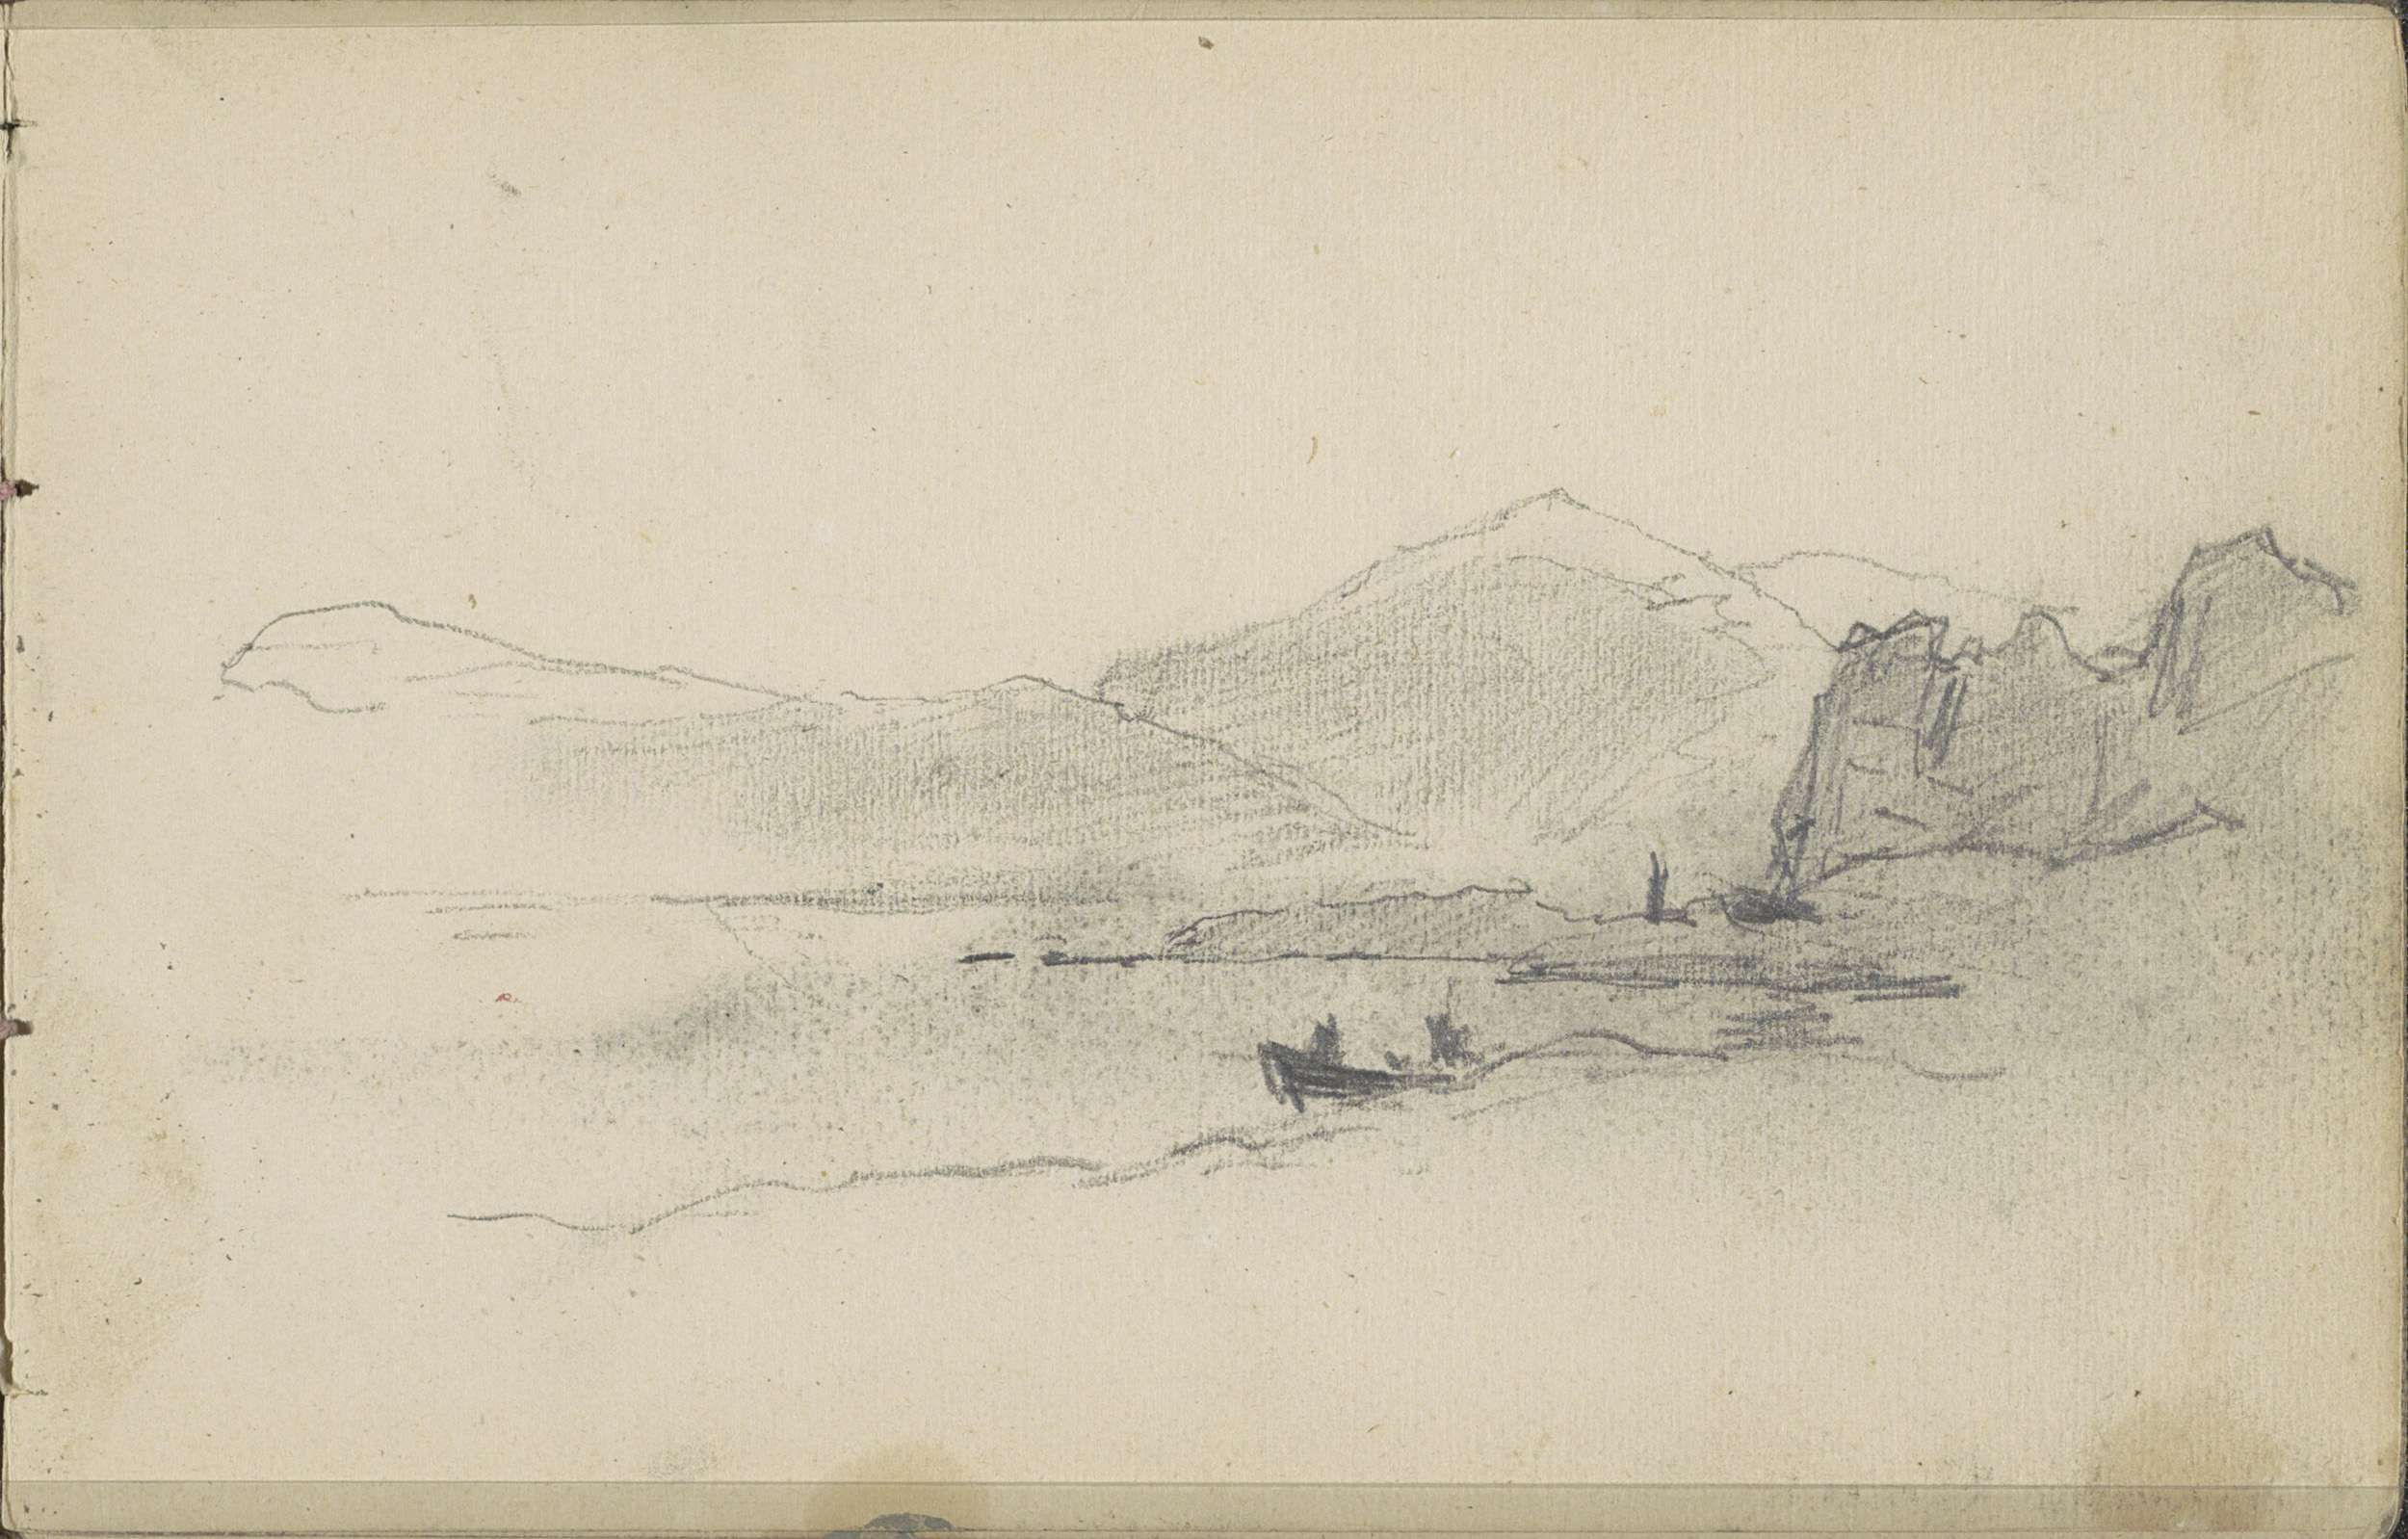 Louis Apol | Gezicht op de kustlijn van Nova Zembla, Louis Apol, 1880 | In de branding een bemande roeiboot. Blad 28 recto uit een schetsboek met 35 bladen betekend tijdens de expeditie naar Nova Zembla in 1880.